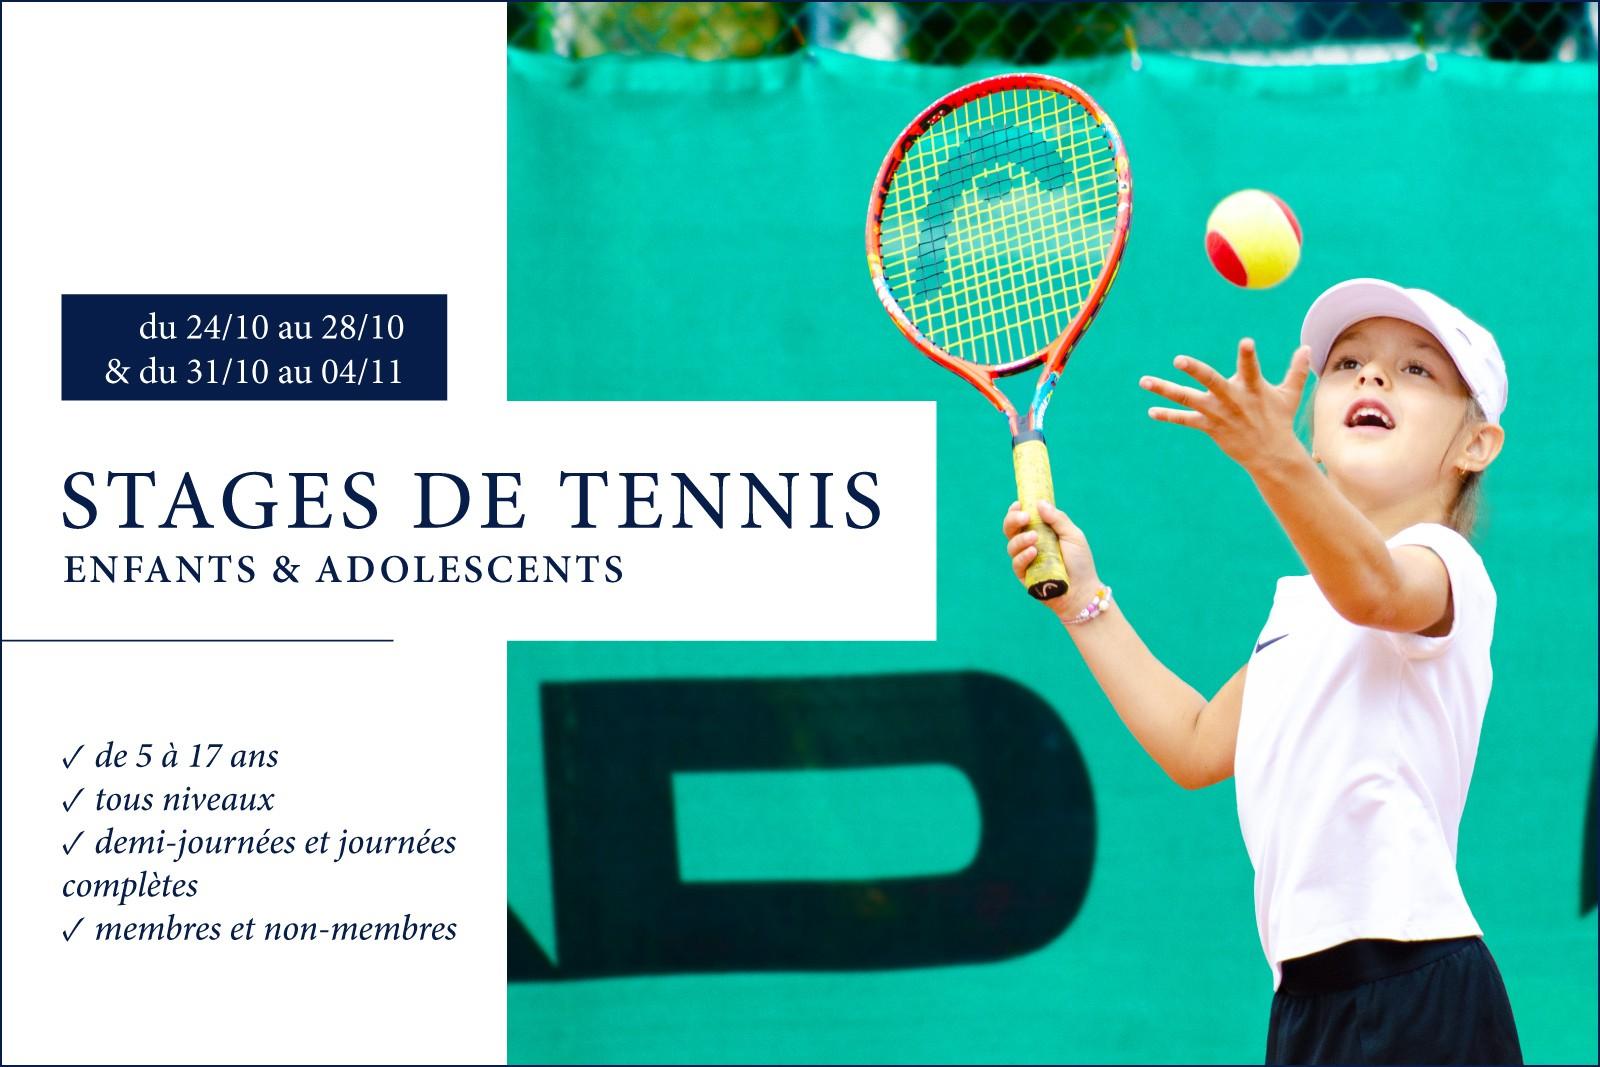 STAGES DE TENNIS - Pour les enfants et les adolescents